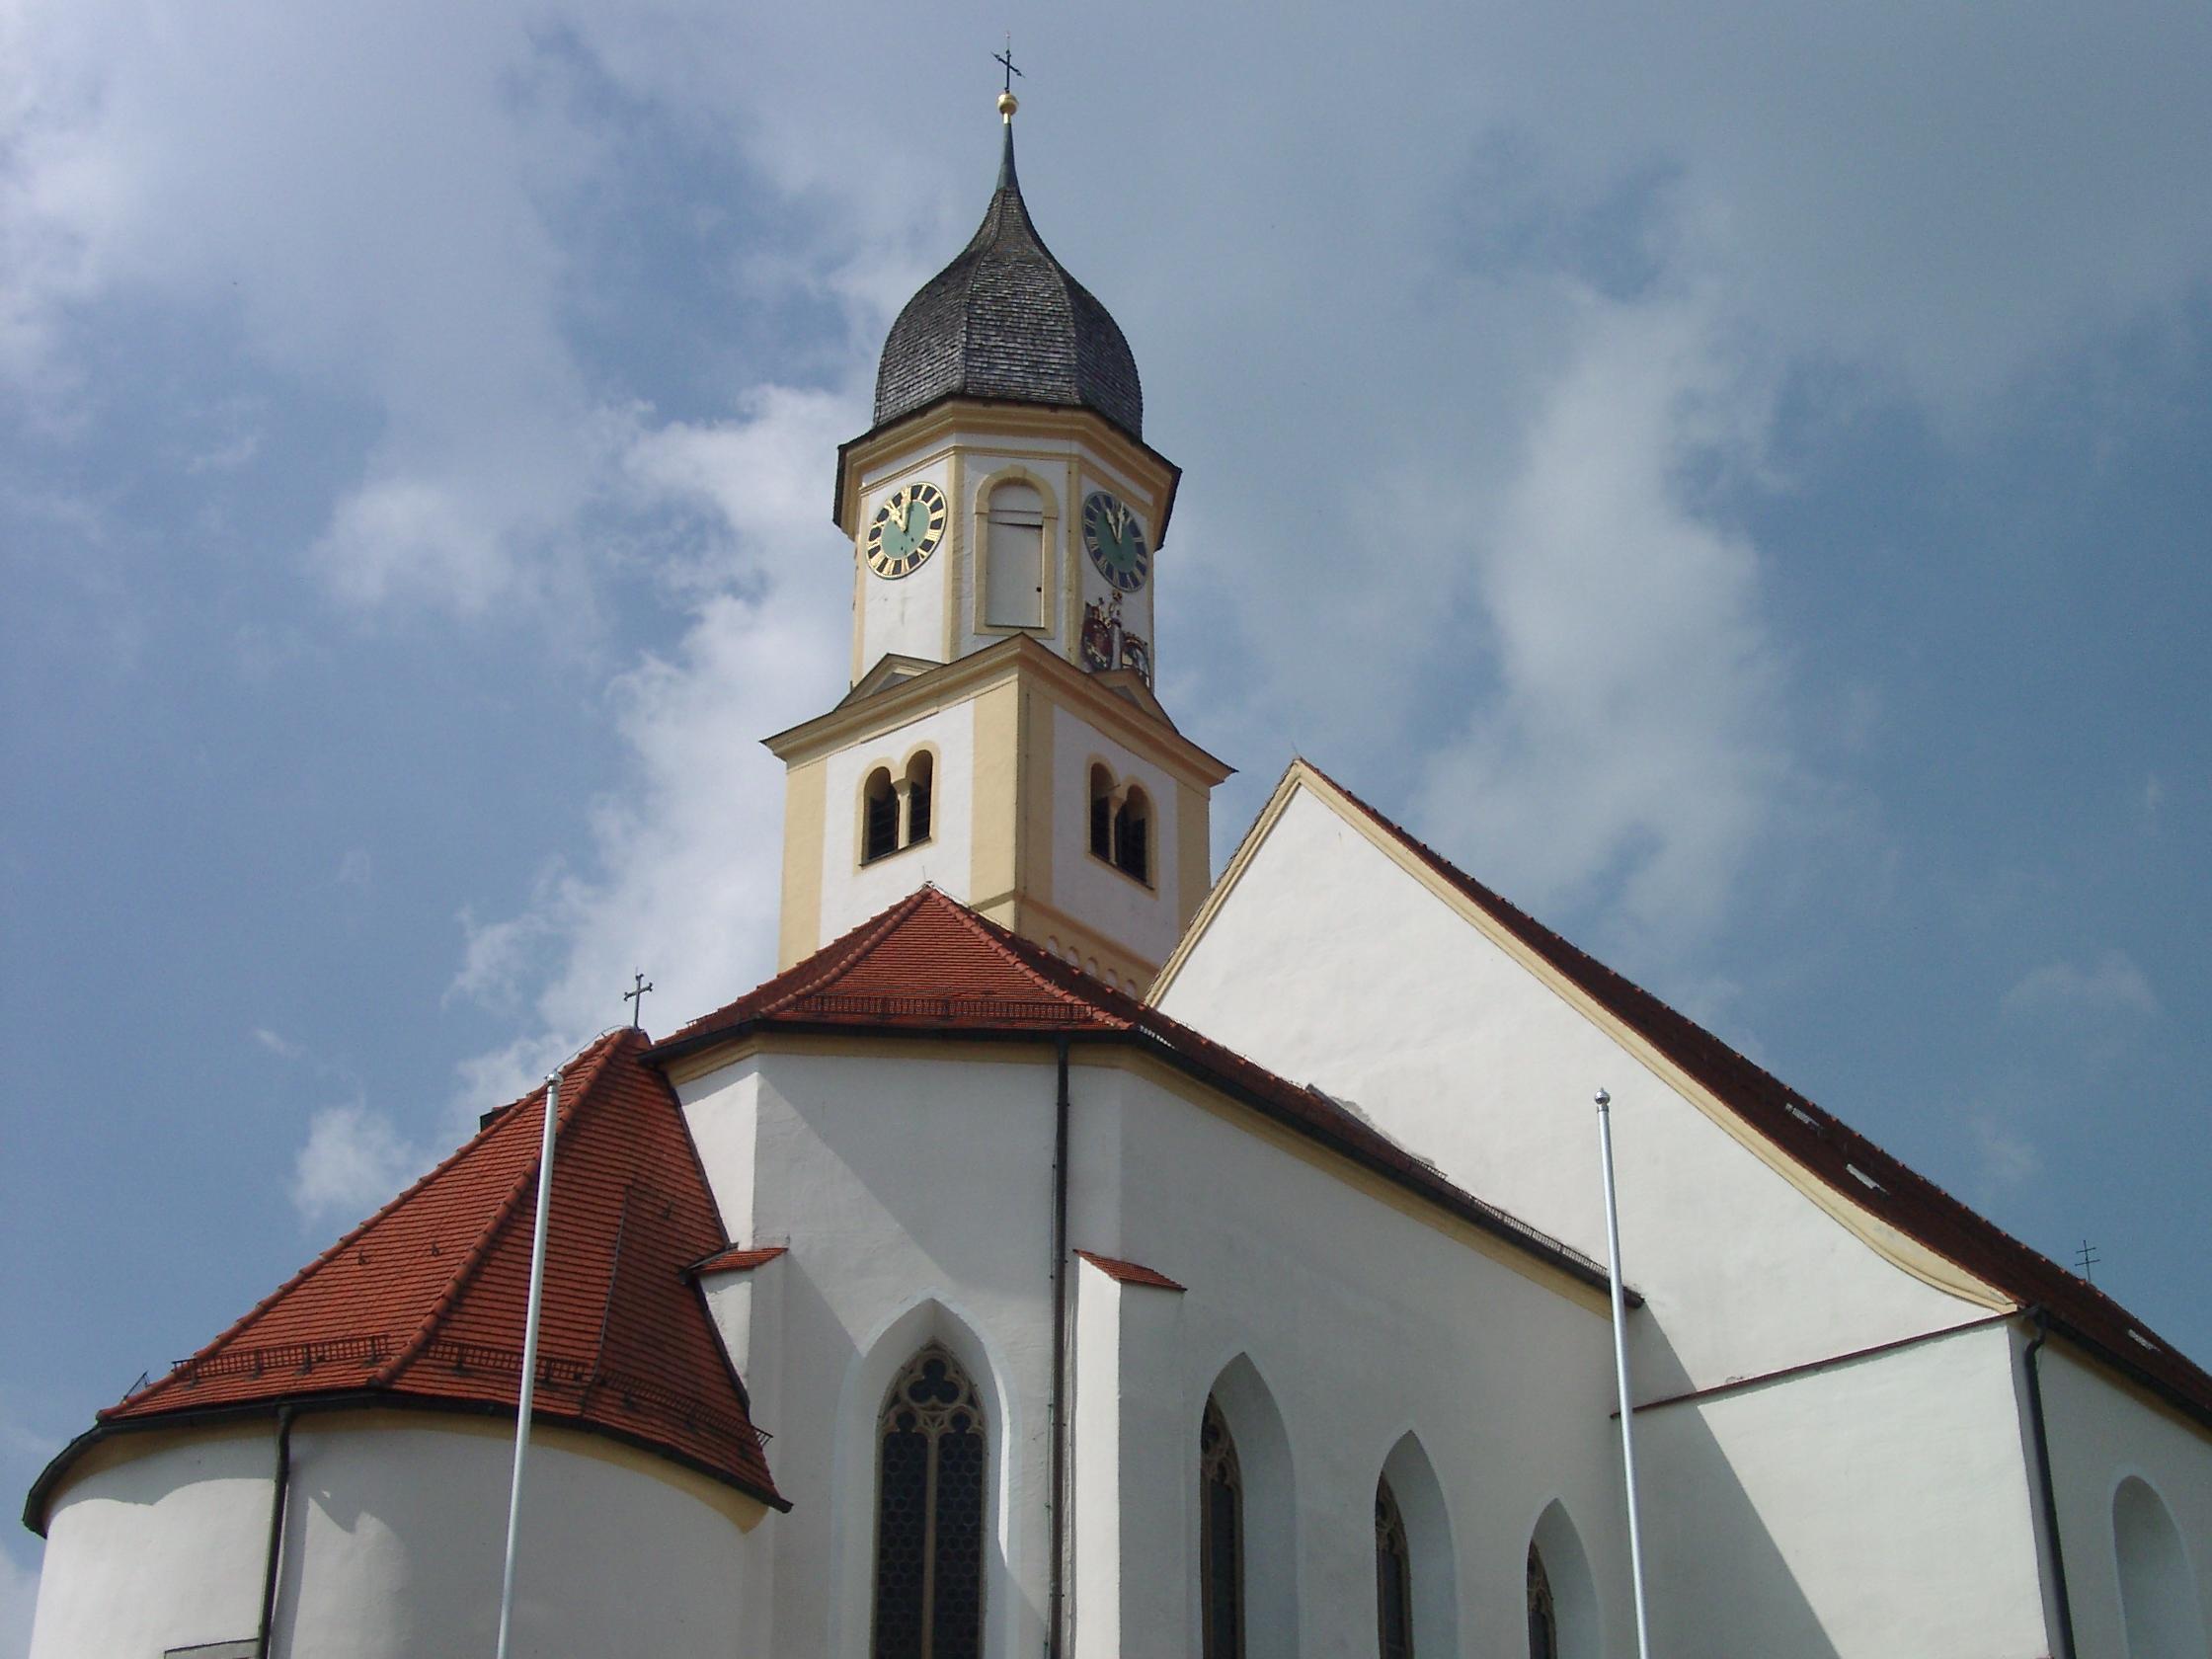 Liste der Baudenkmäler in Bad Grönenbach